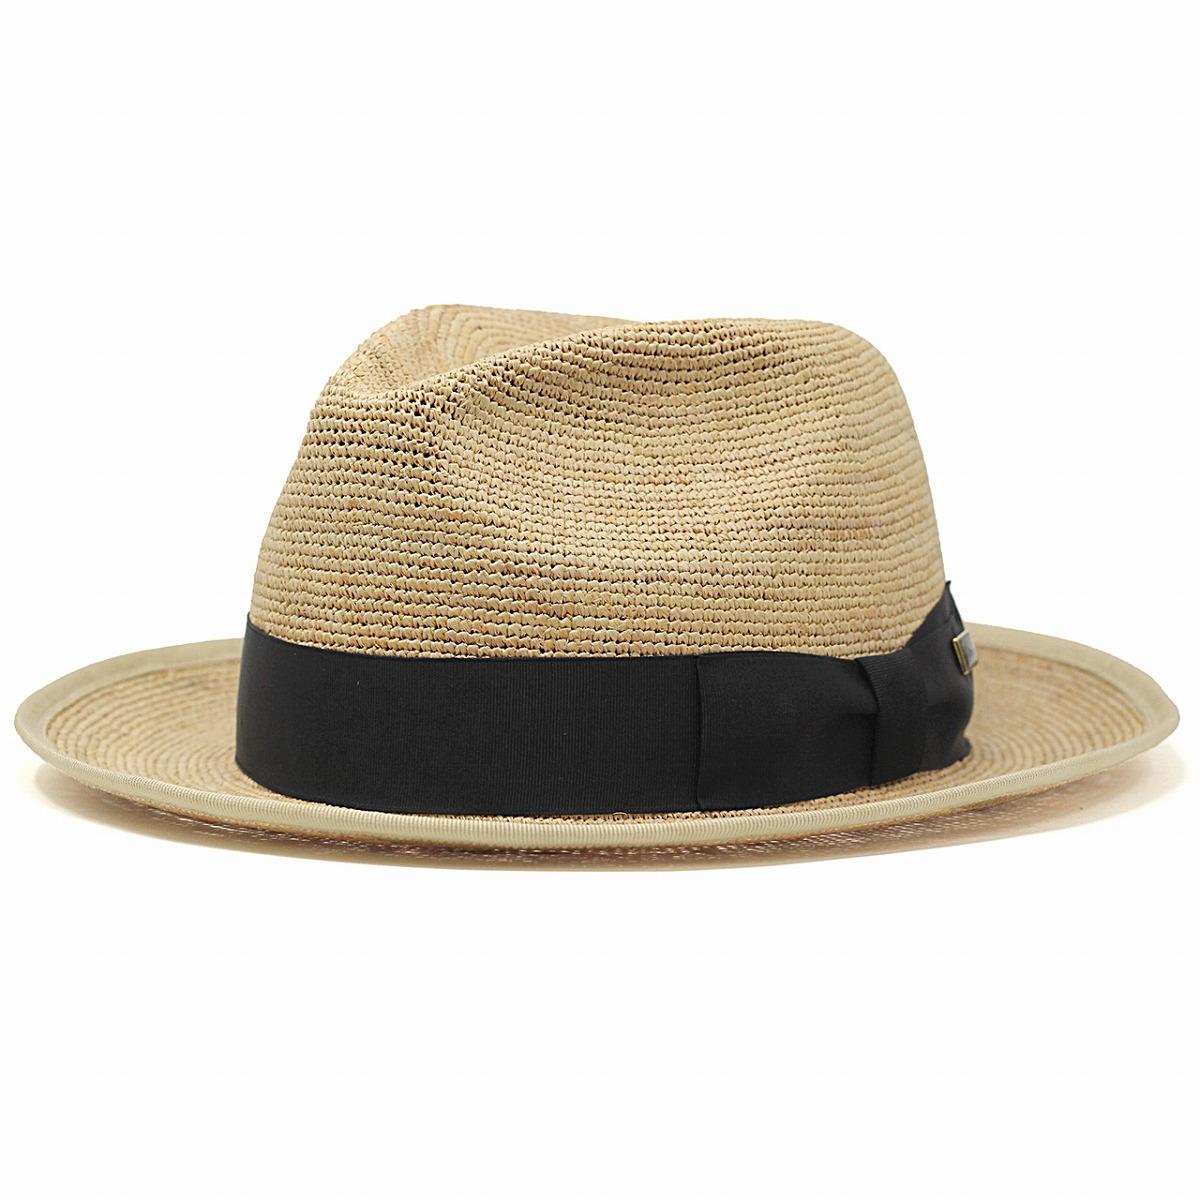 ラフィア ハット 春 夏 KNOX 麦わら帽子 メンズ ノックス 帽子 日本製 ストローハット ワイドブリム 中折れ 涼しい 海外ブランド かっこいい 紳士 麦わら帽 黒リボン 58cm 60cm 62cm / ベージュ[ fedora ][ straw hat ]父の日 ギフト プレゼント ラッピング無料